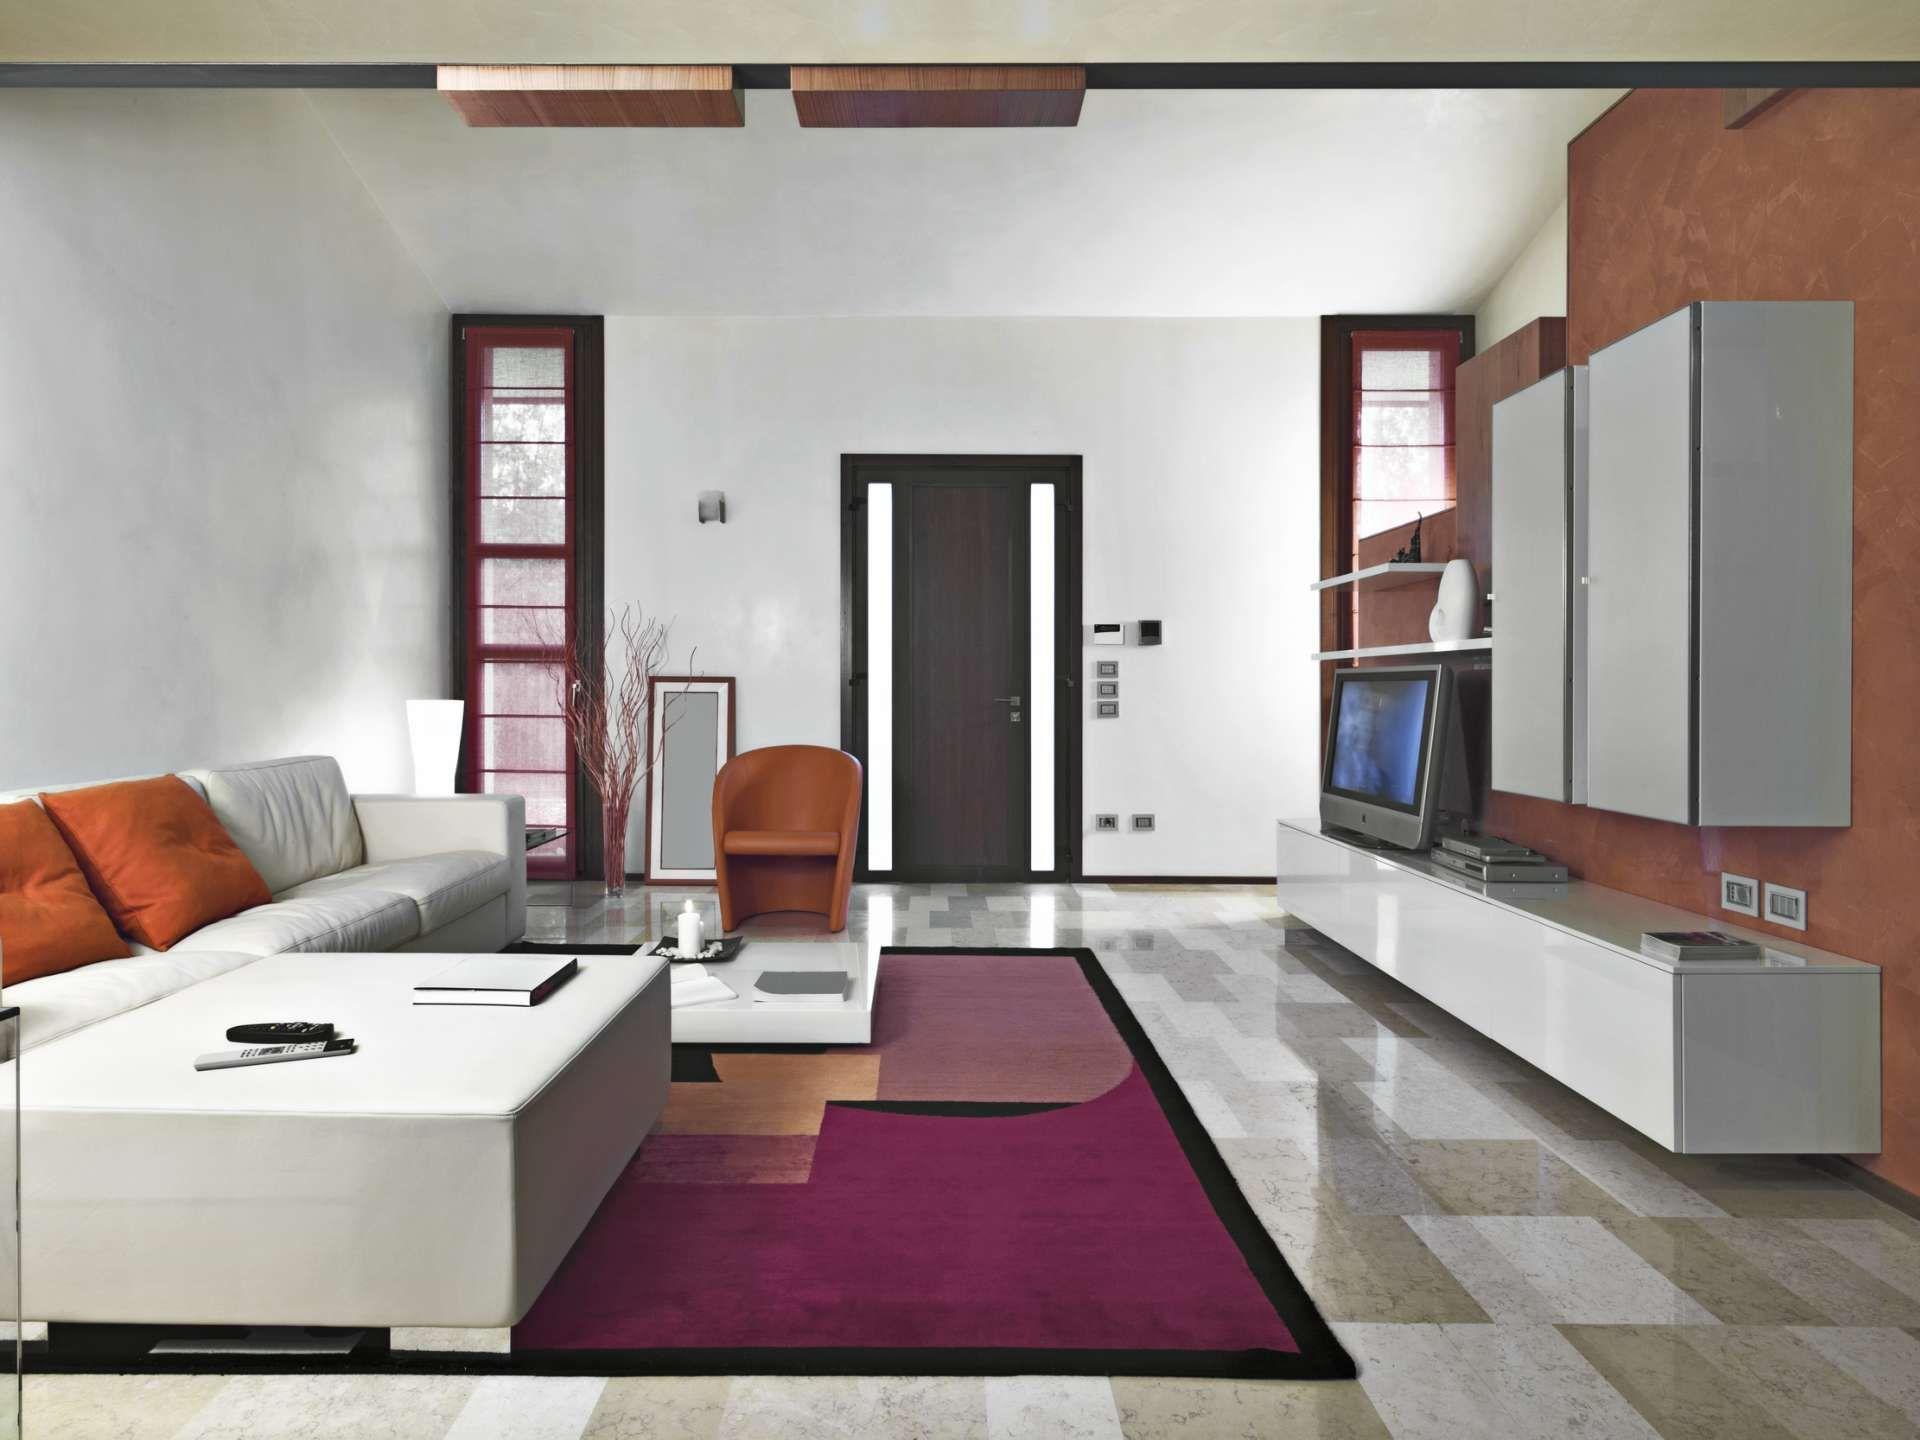 galerie vetter tischlerei mobelbau und innenausbau aus dessau